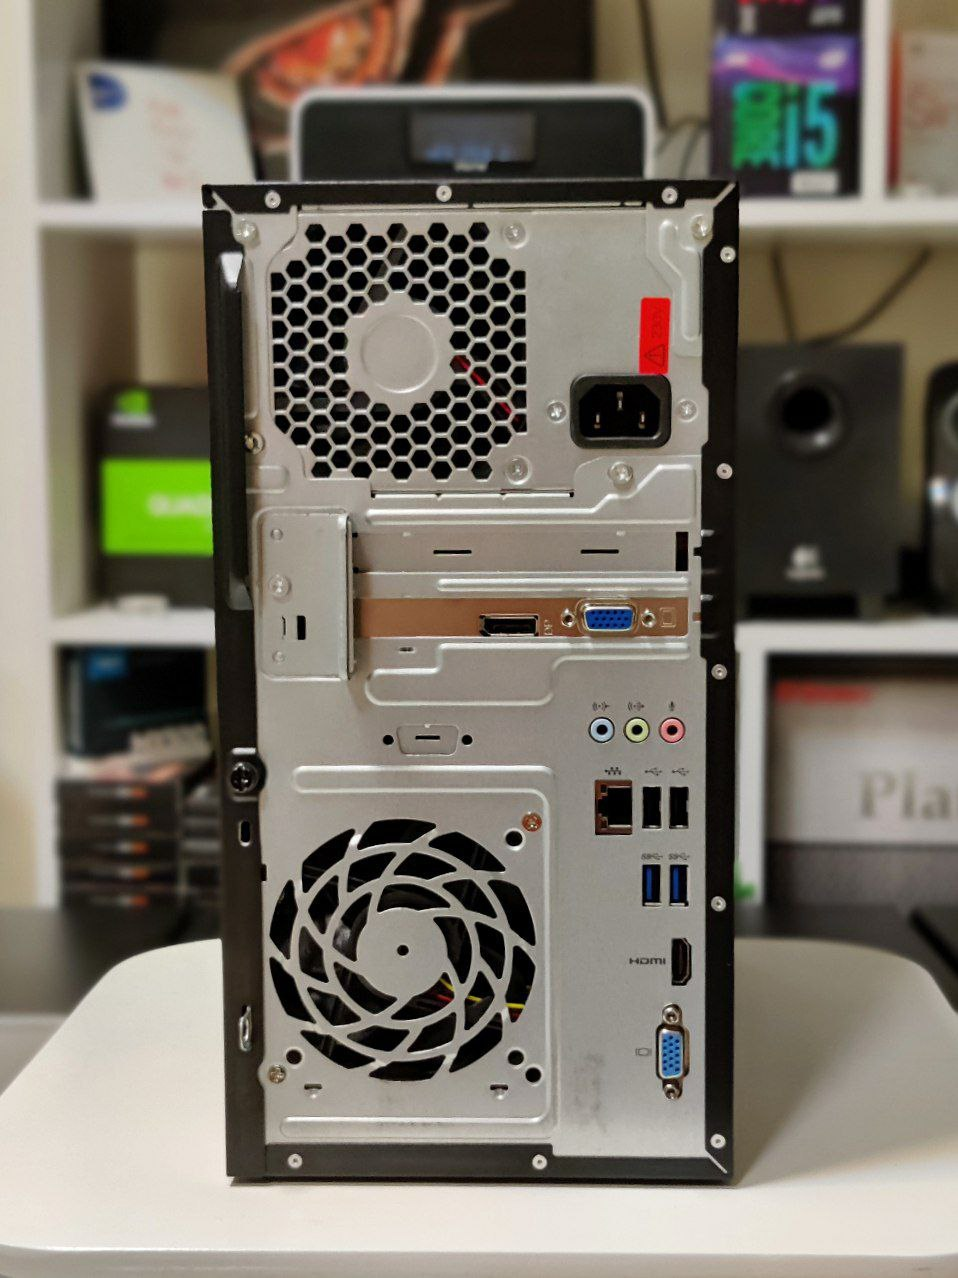 دسکتاپ HP مدل Pavilion 590MT